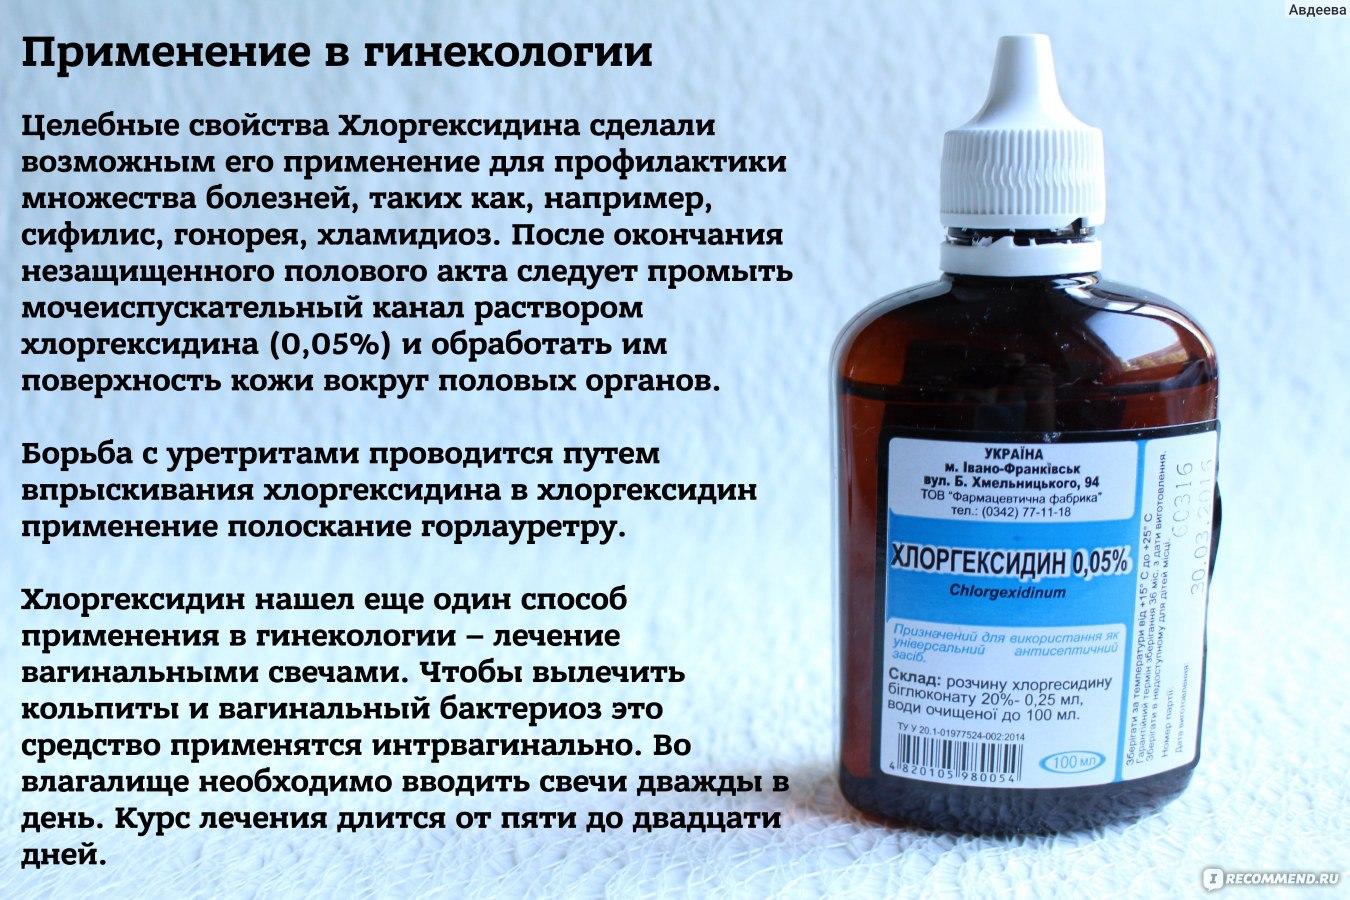 Хлоргексидин лечение простатита грязи при хроническом простатите